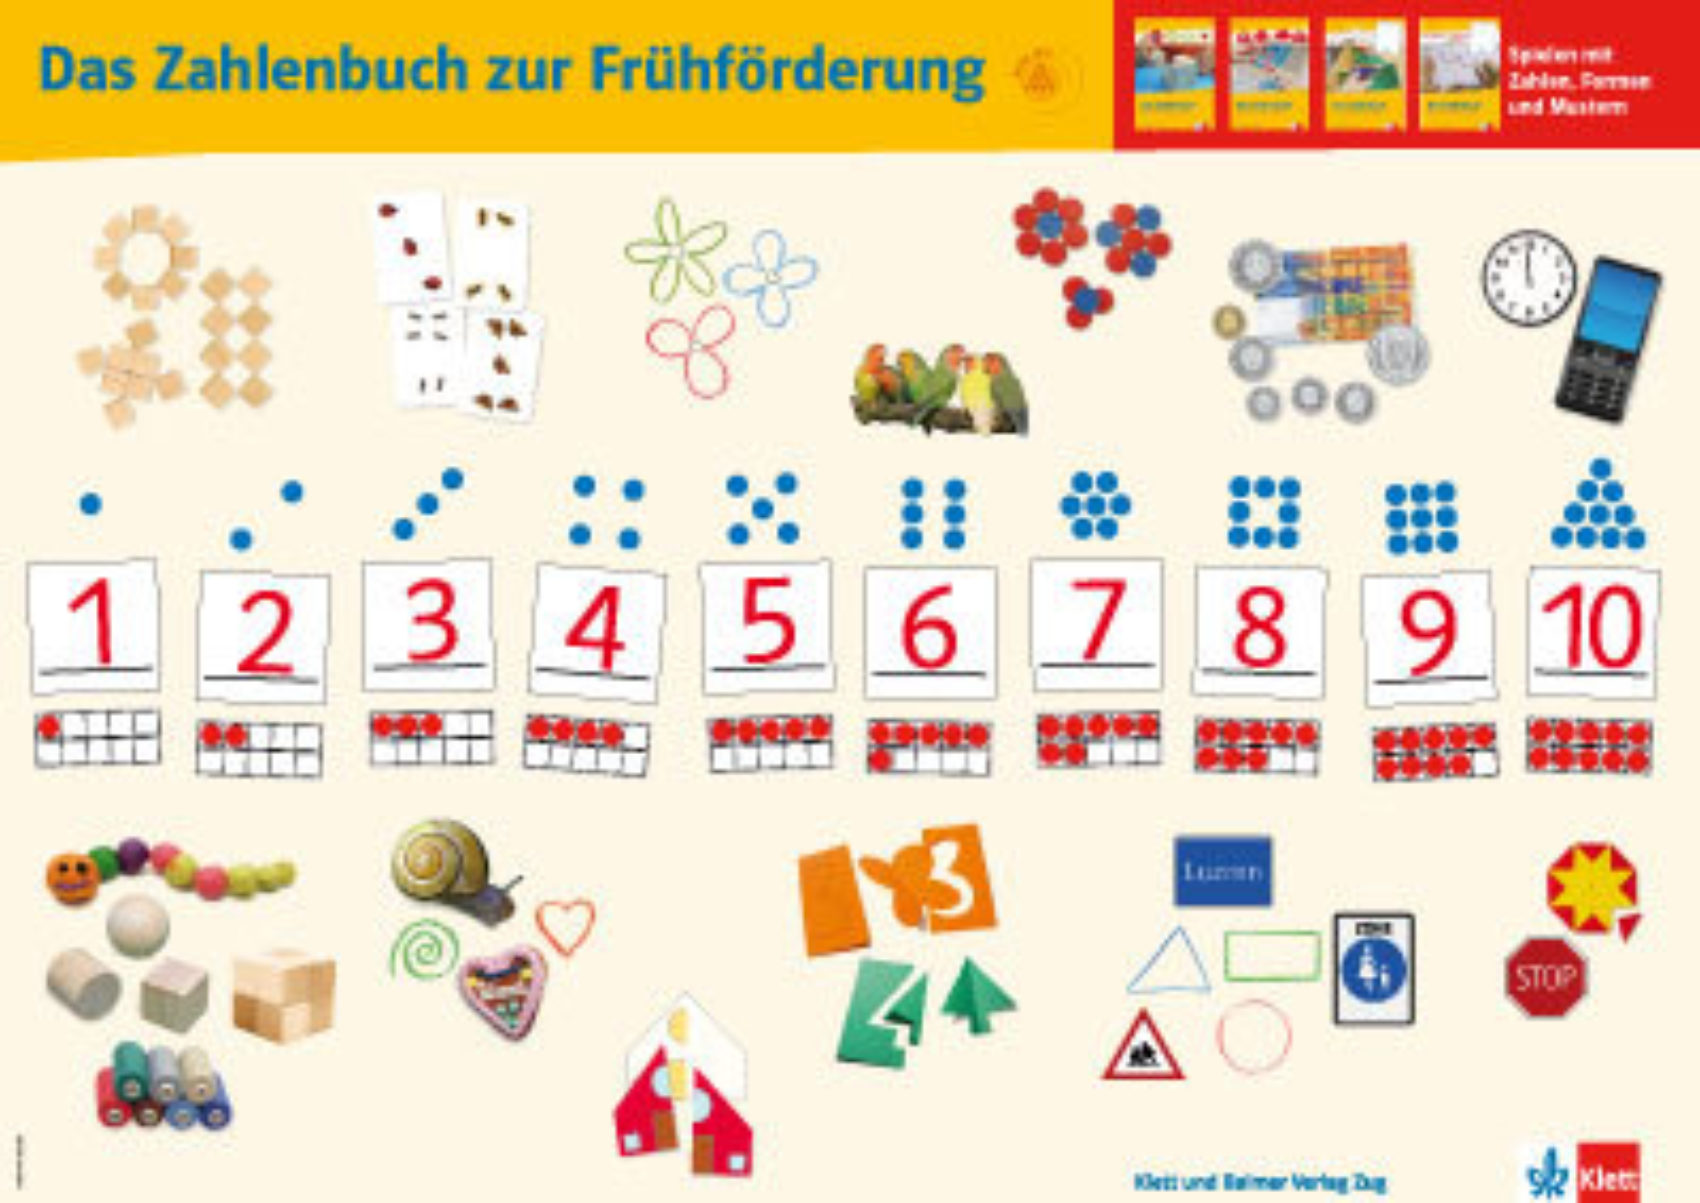 Zahlenbuch zur Frühförderung Plakat Zahlen und Formen 1978 3 264 10169 0